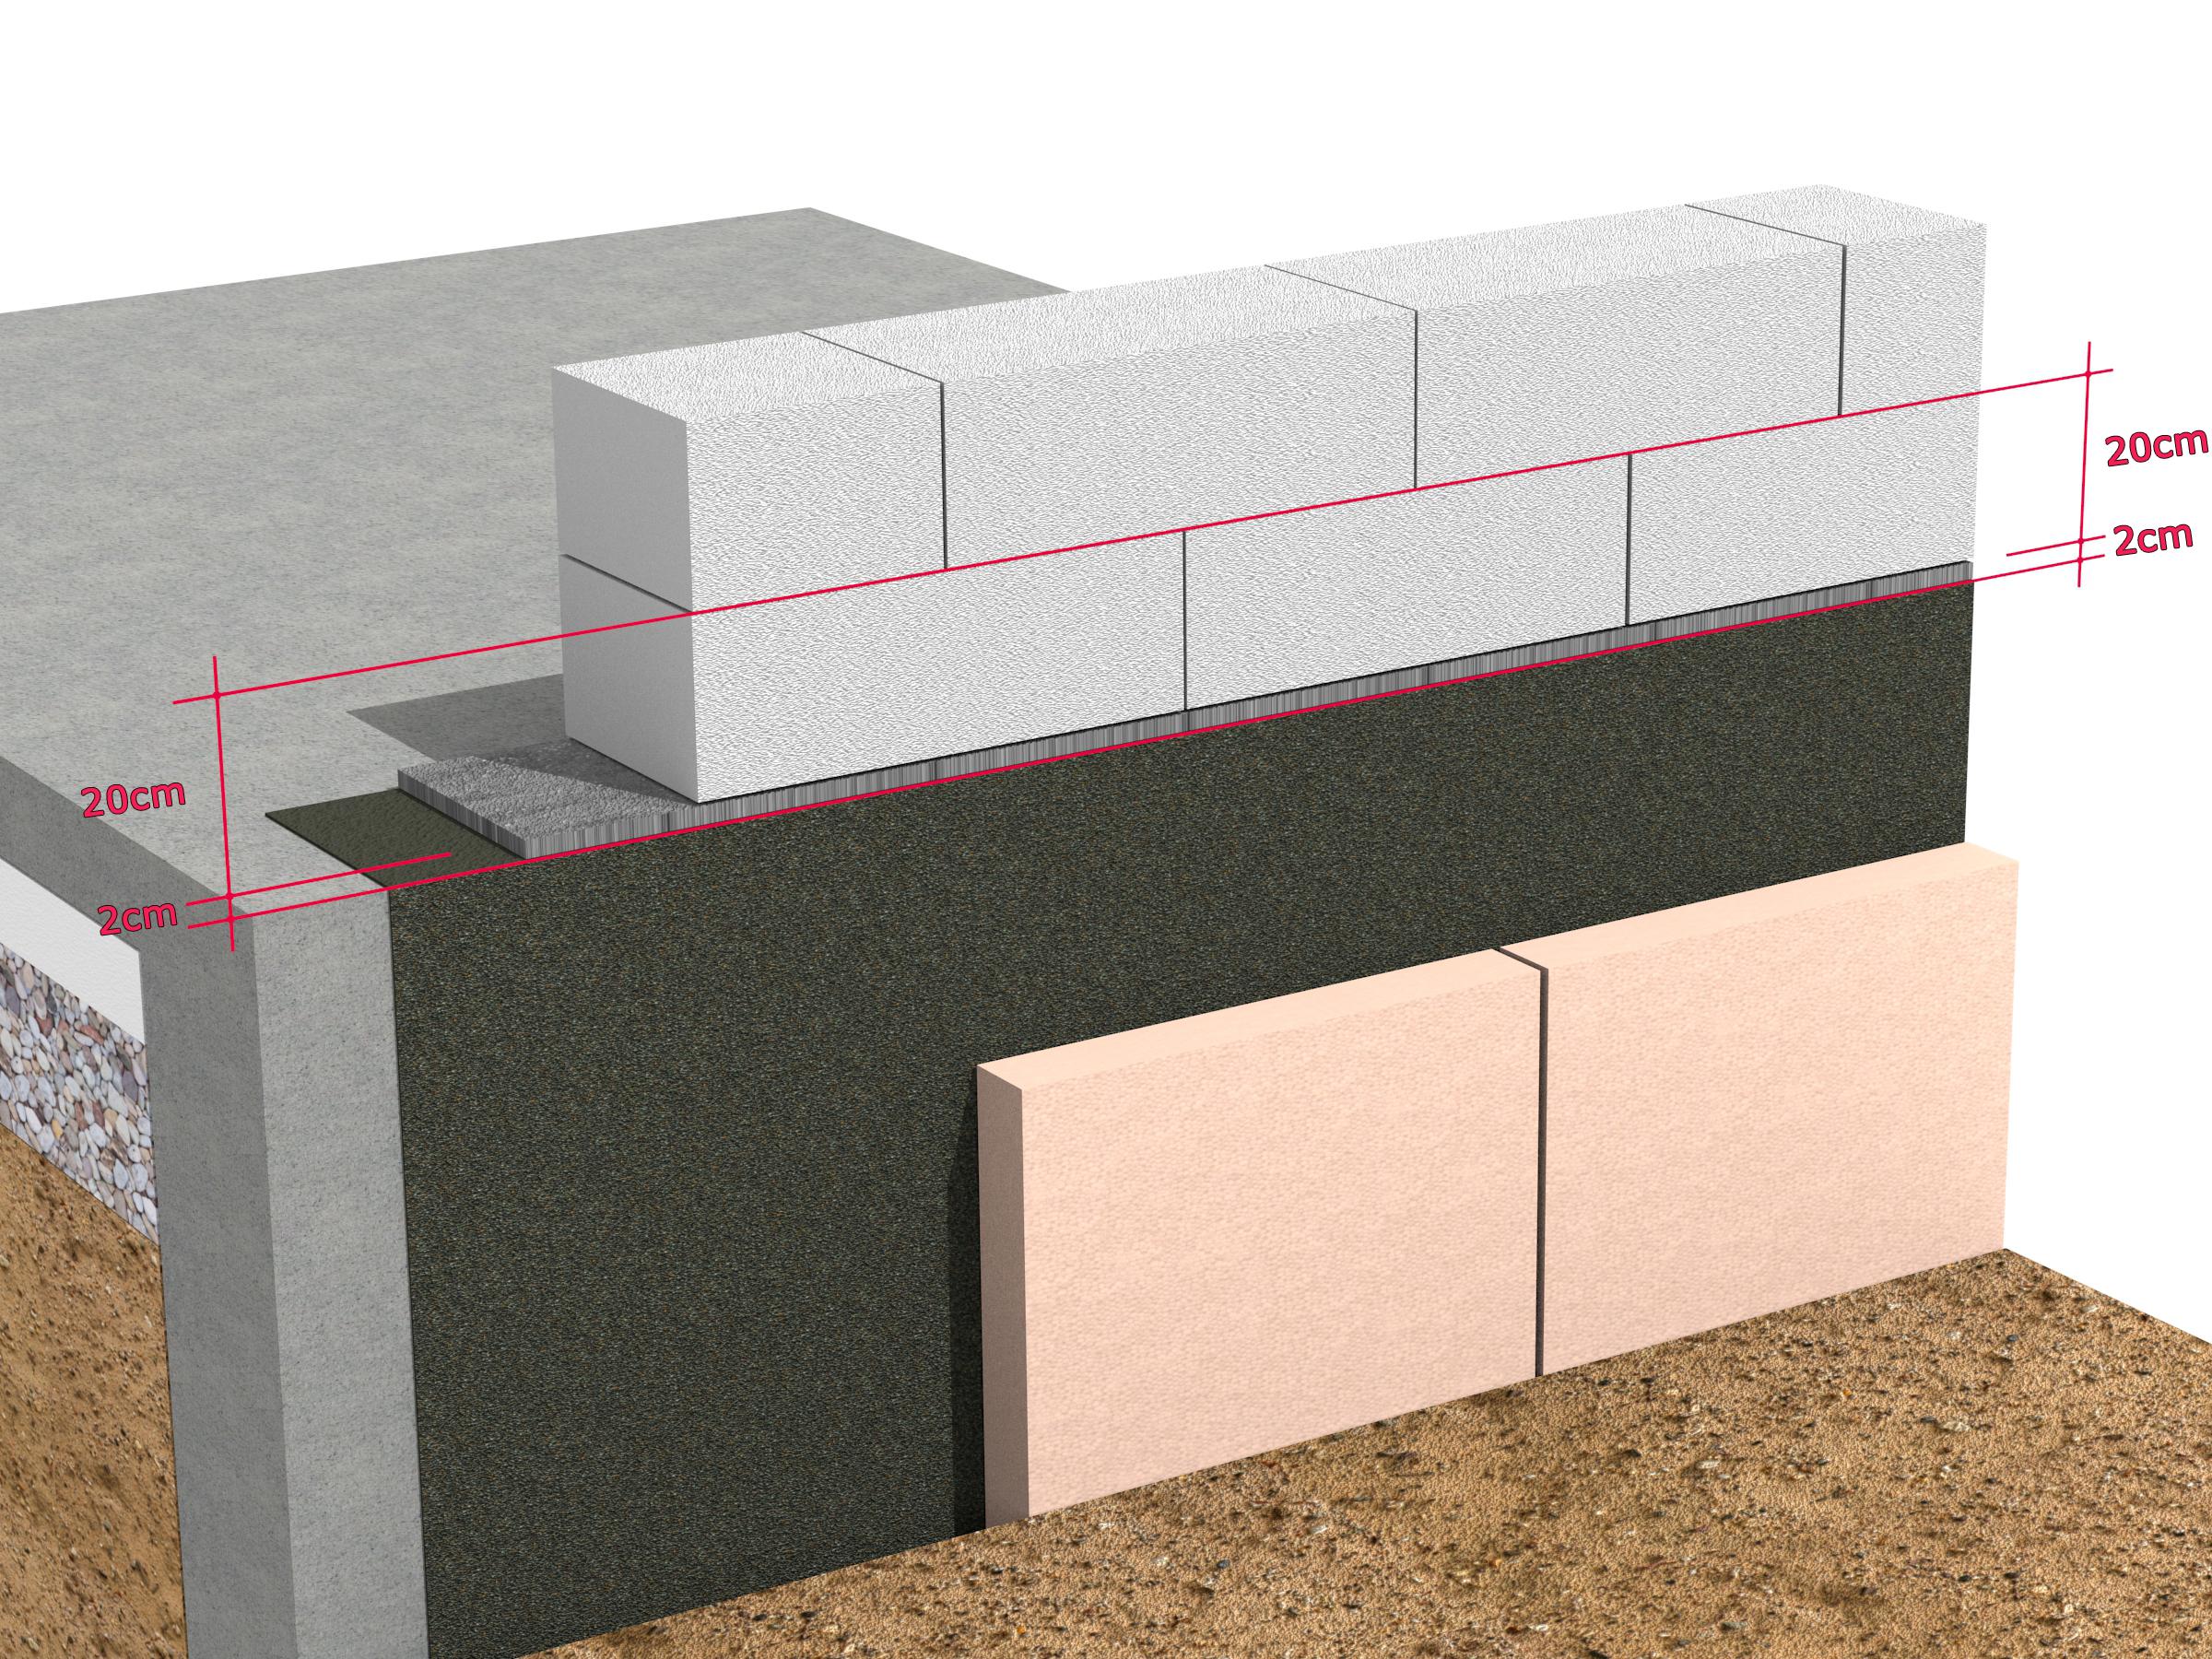 Cazul 1 - Detaliu de soclu fara abateri de nivel - Montarea primului rand de zidarie Ytong - Detalii de soclu